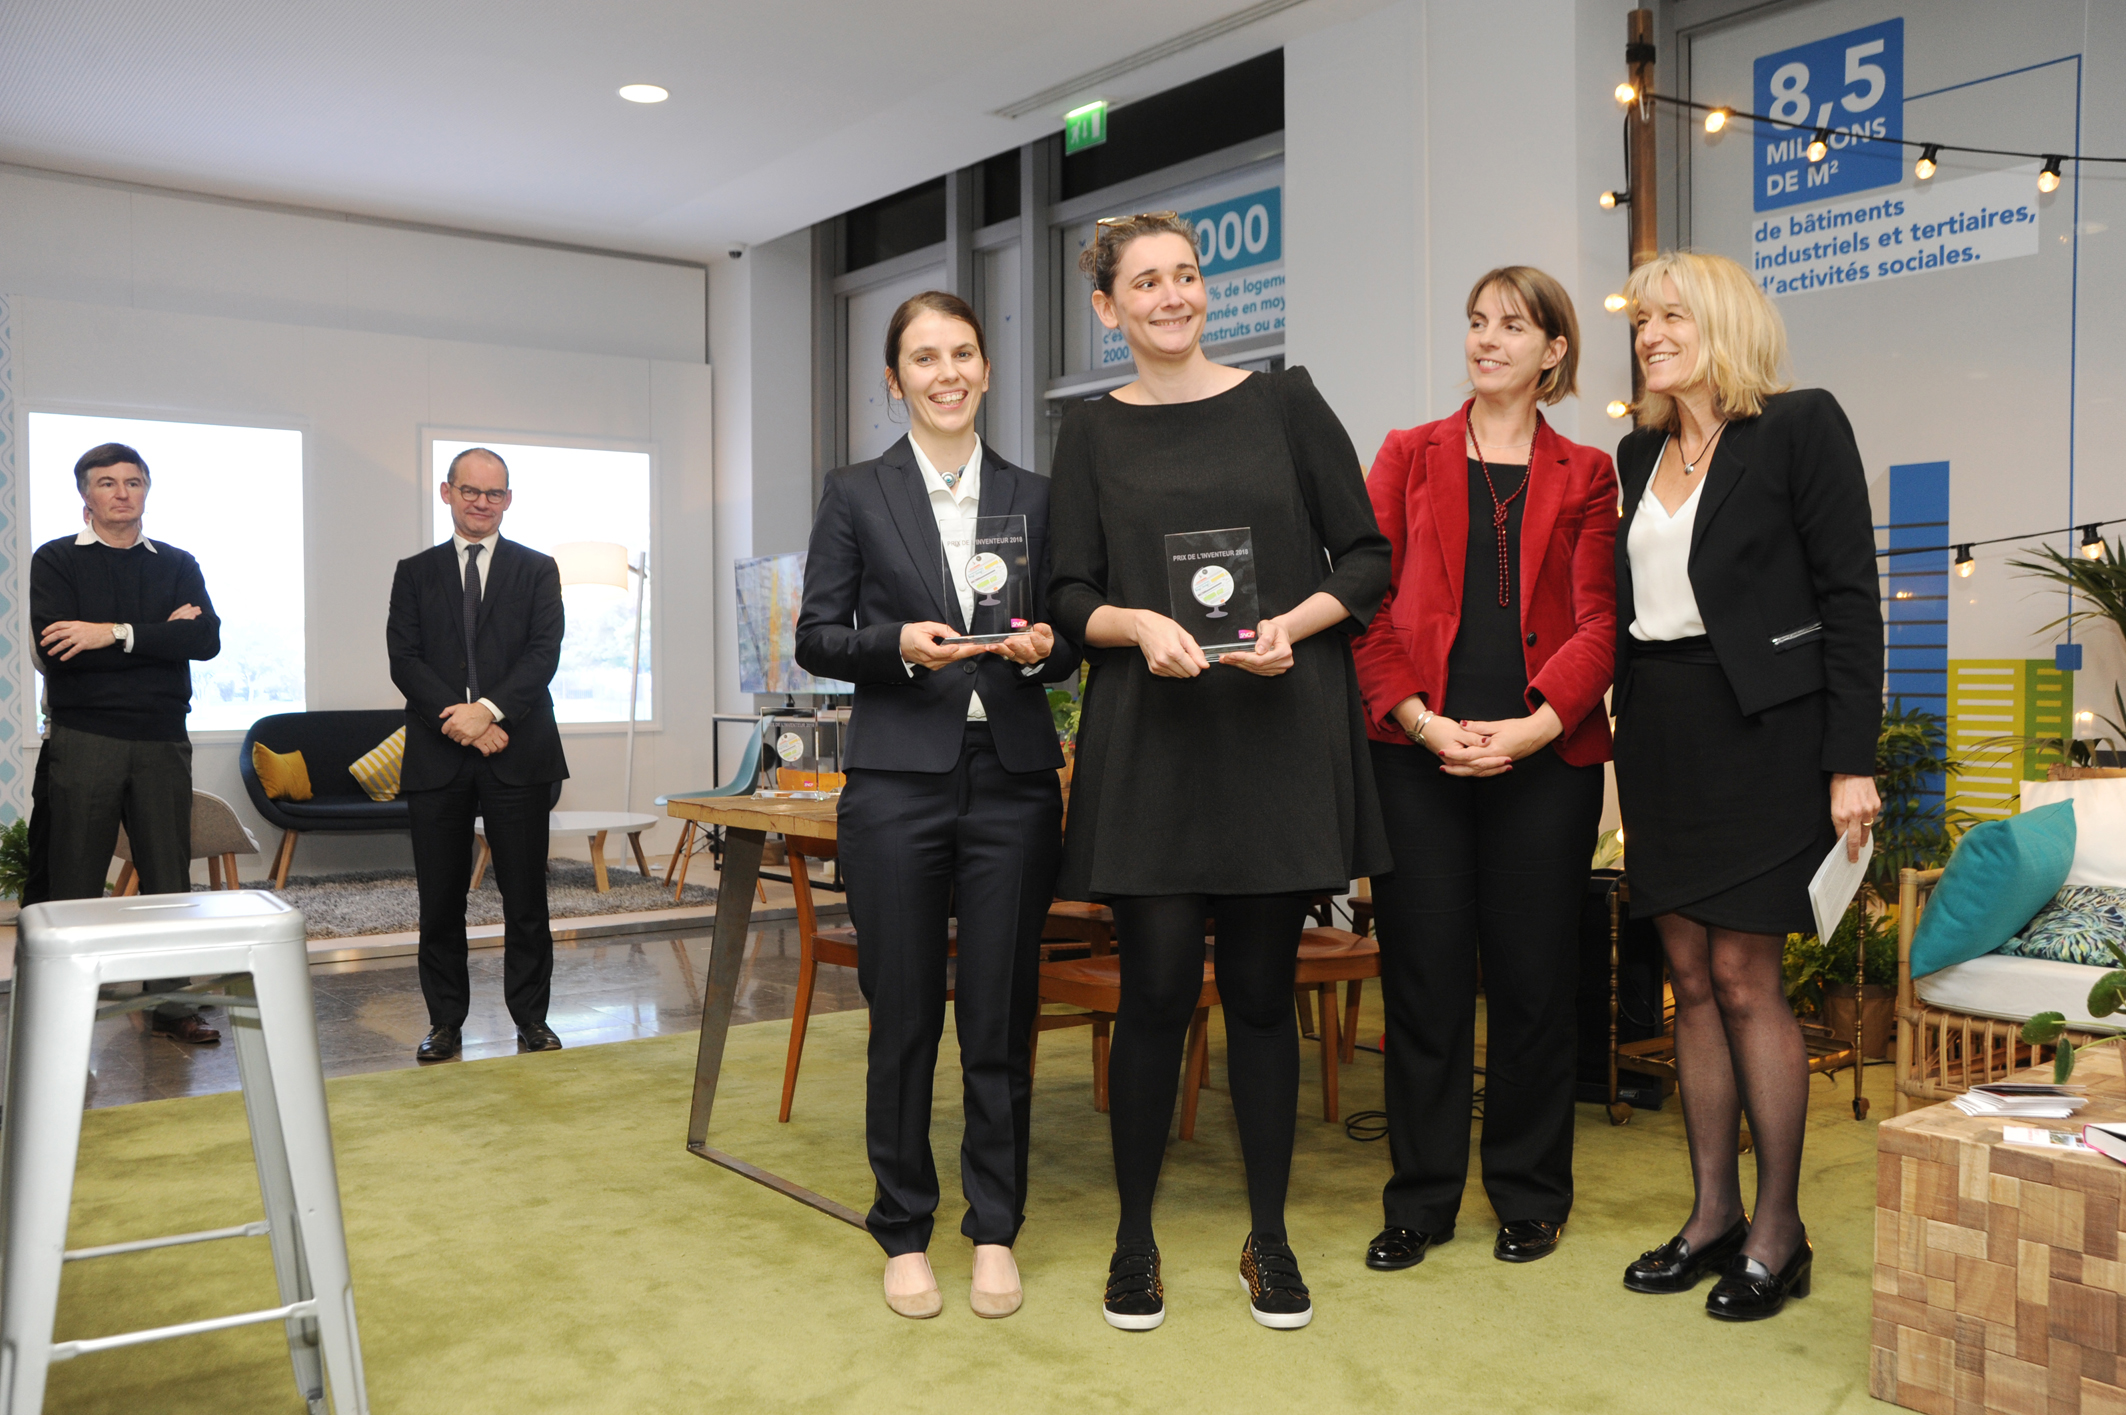 Photo de la remise des prix, on y voit au devant de la scène 4 femmes dont une tenant le trophée dans ses mains